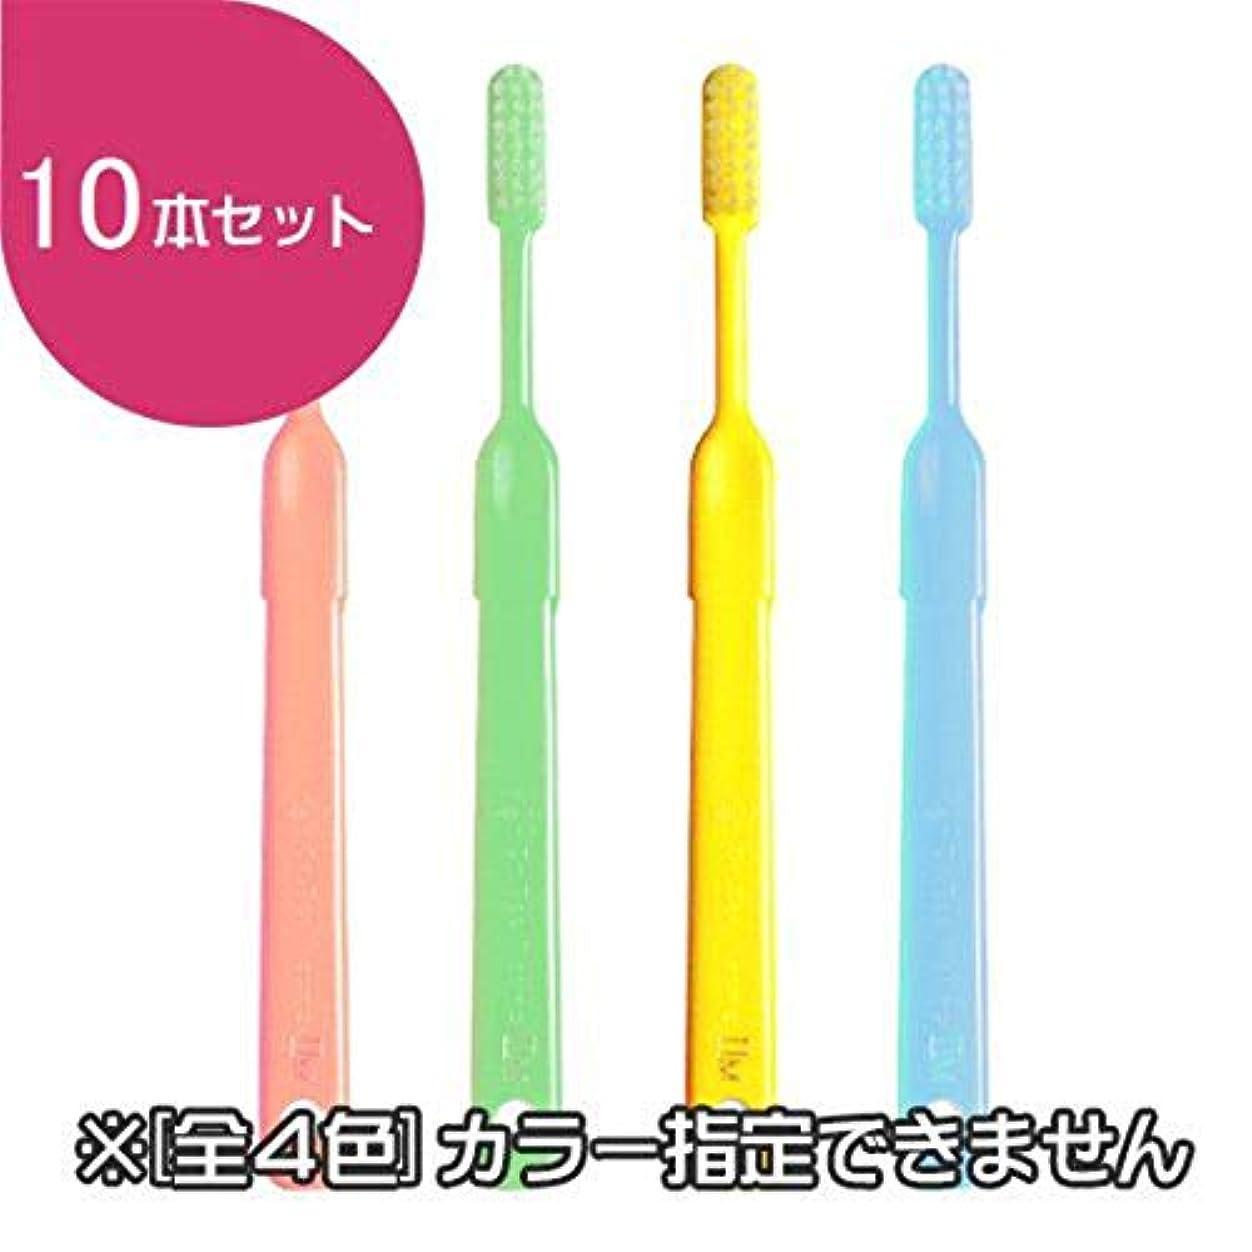 すり中国地域ビーブランド ドクター ビーヤング2 歯ブラシ 10本(スーパーソフト)